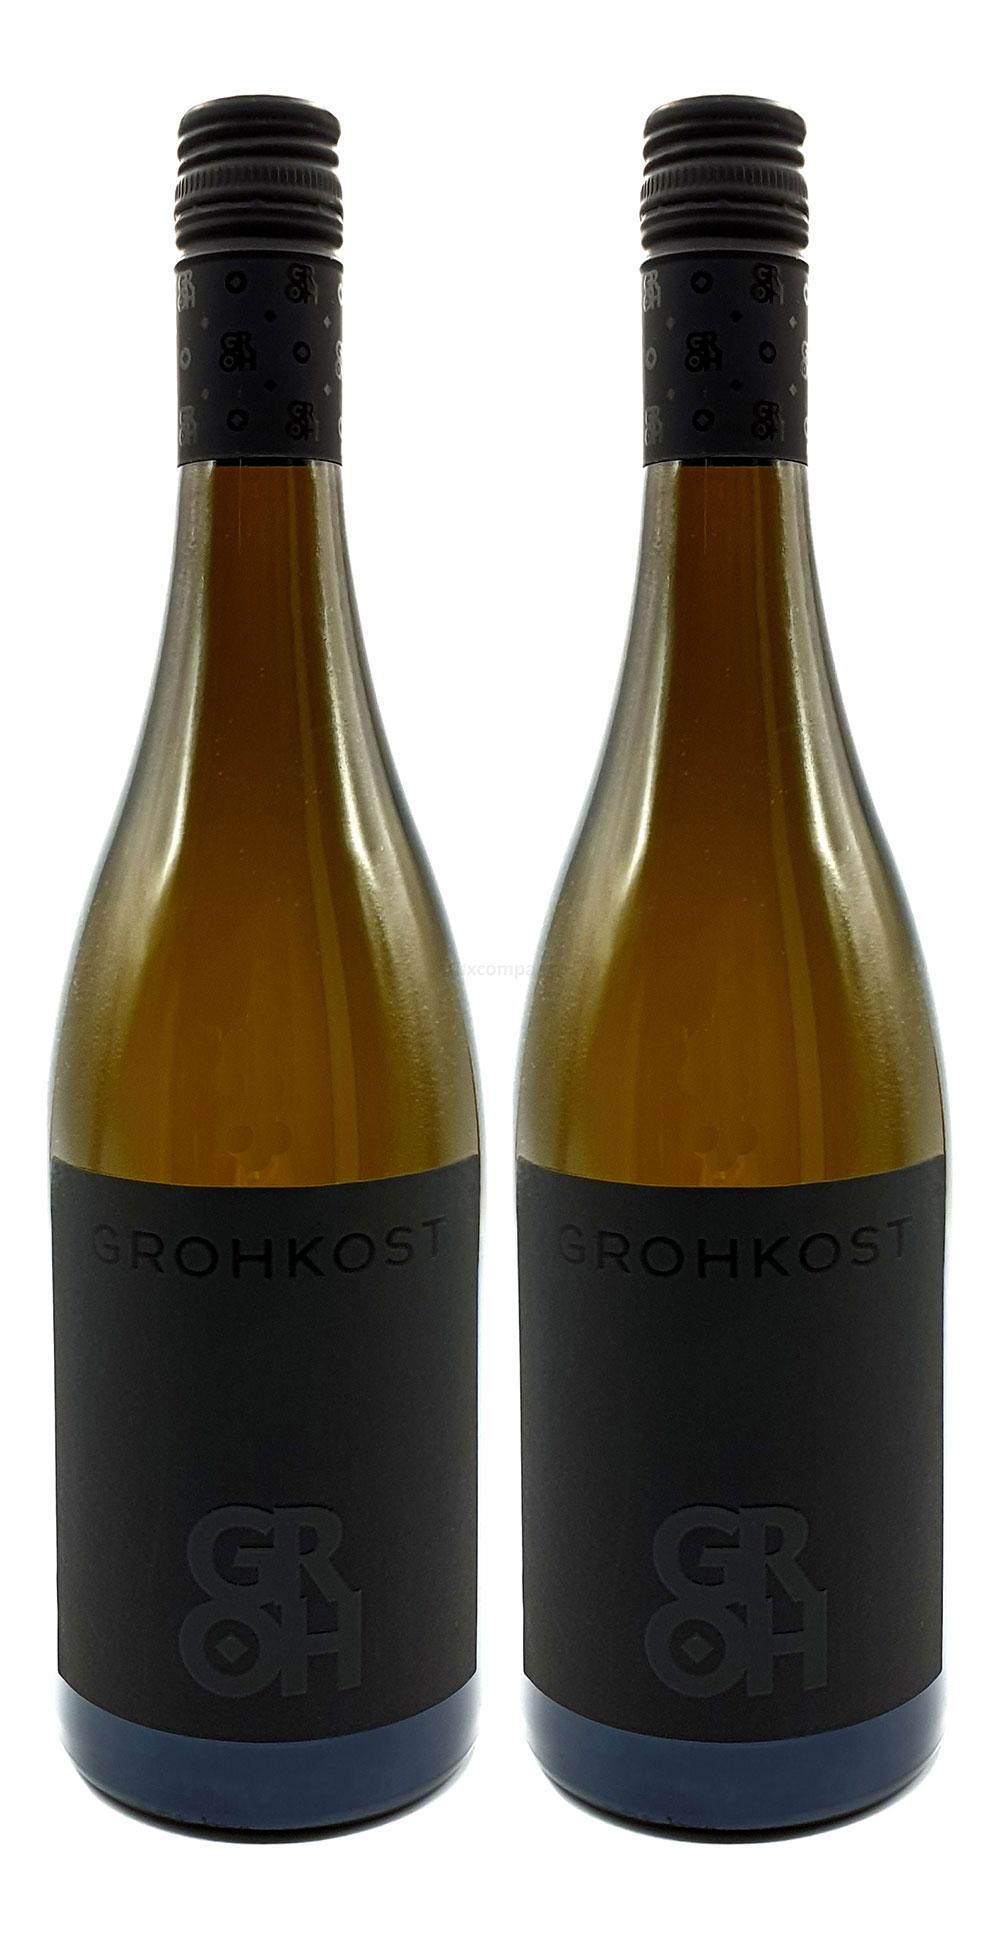 Groh - 2er Set Grohkost Weissburgunder Trocken - Deutscher Qualitätswein 2018 0,75L (14,0% Vol) -[Enthält Sulfite]